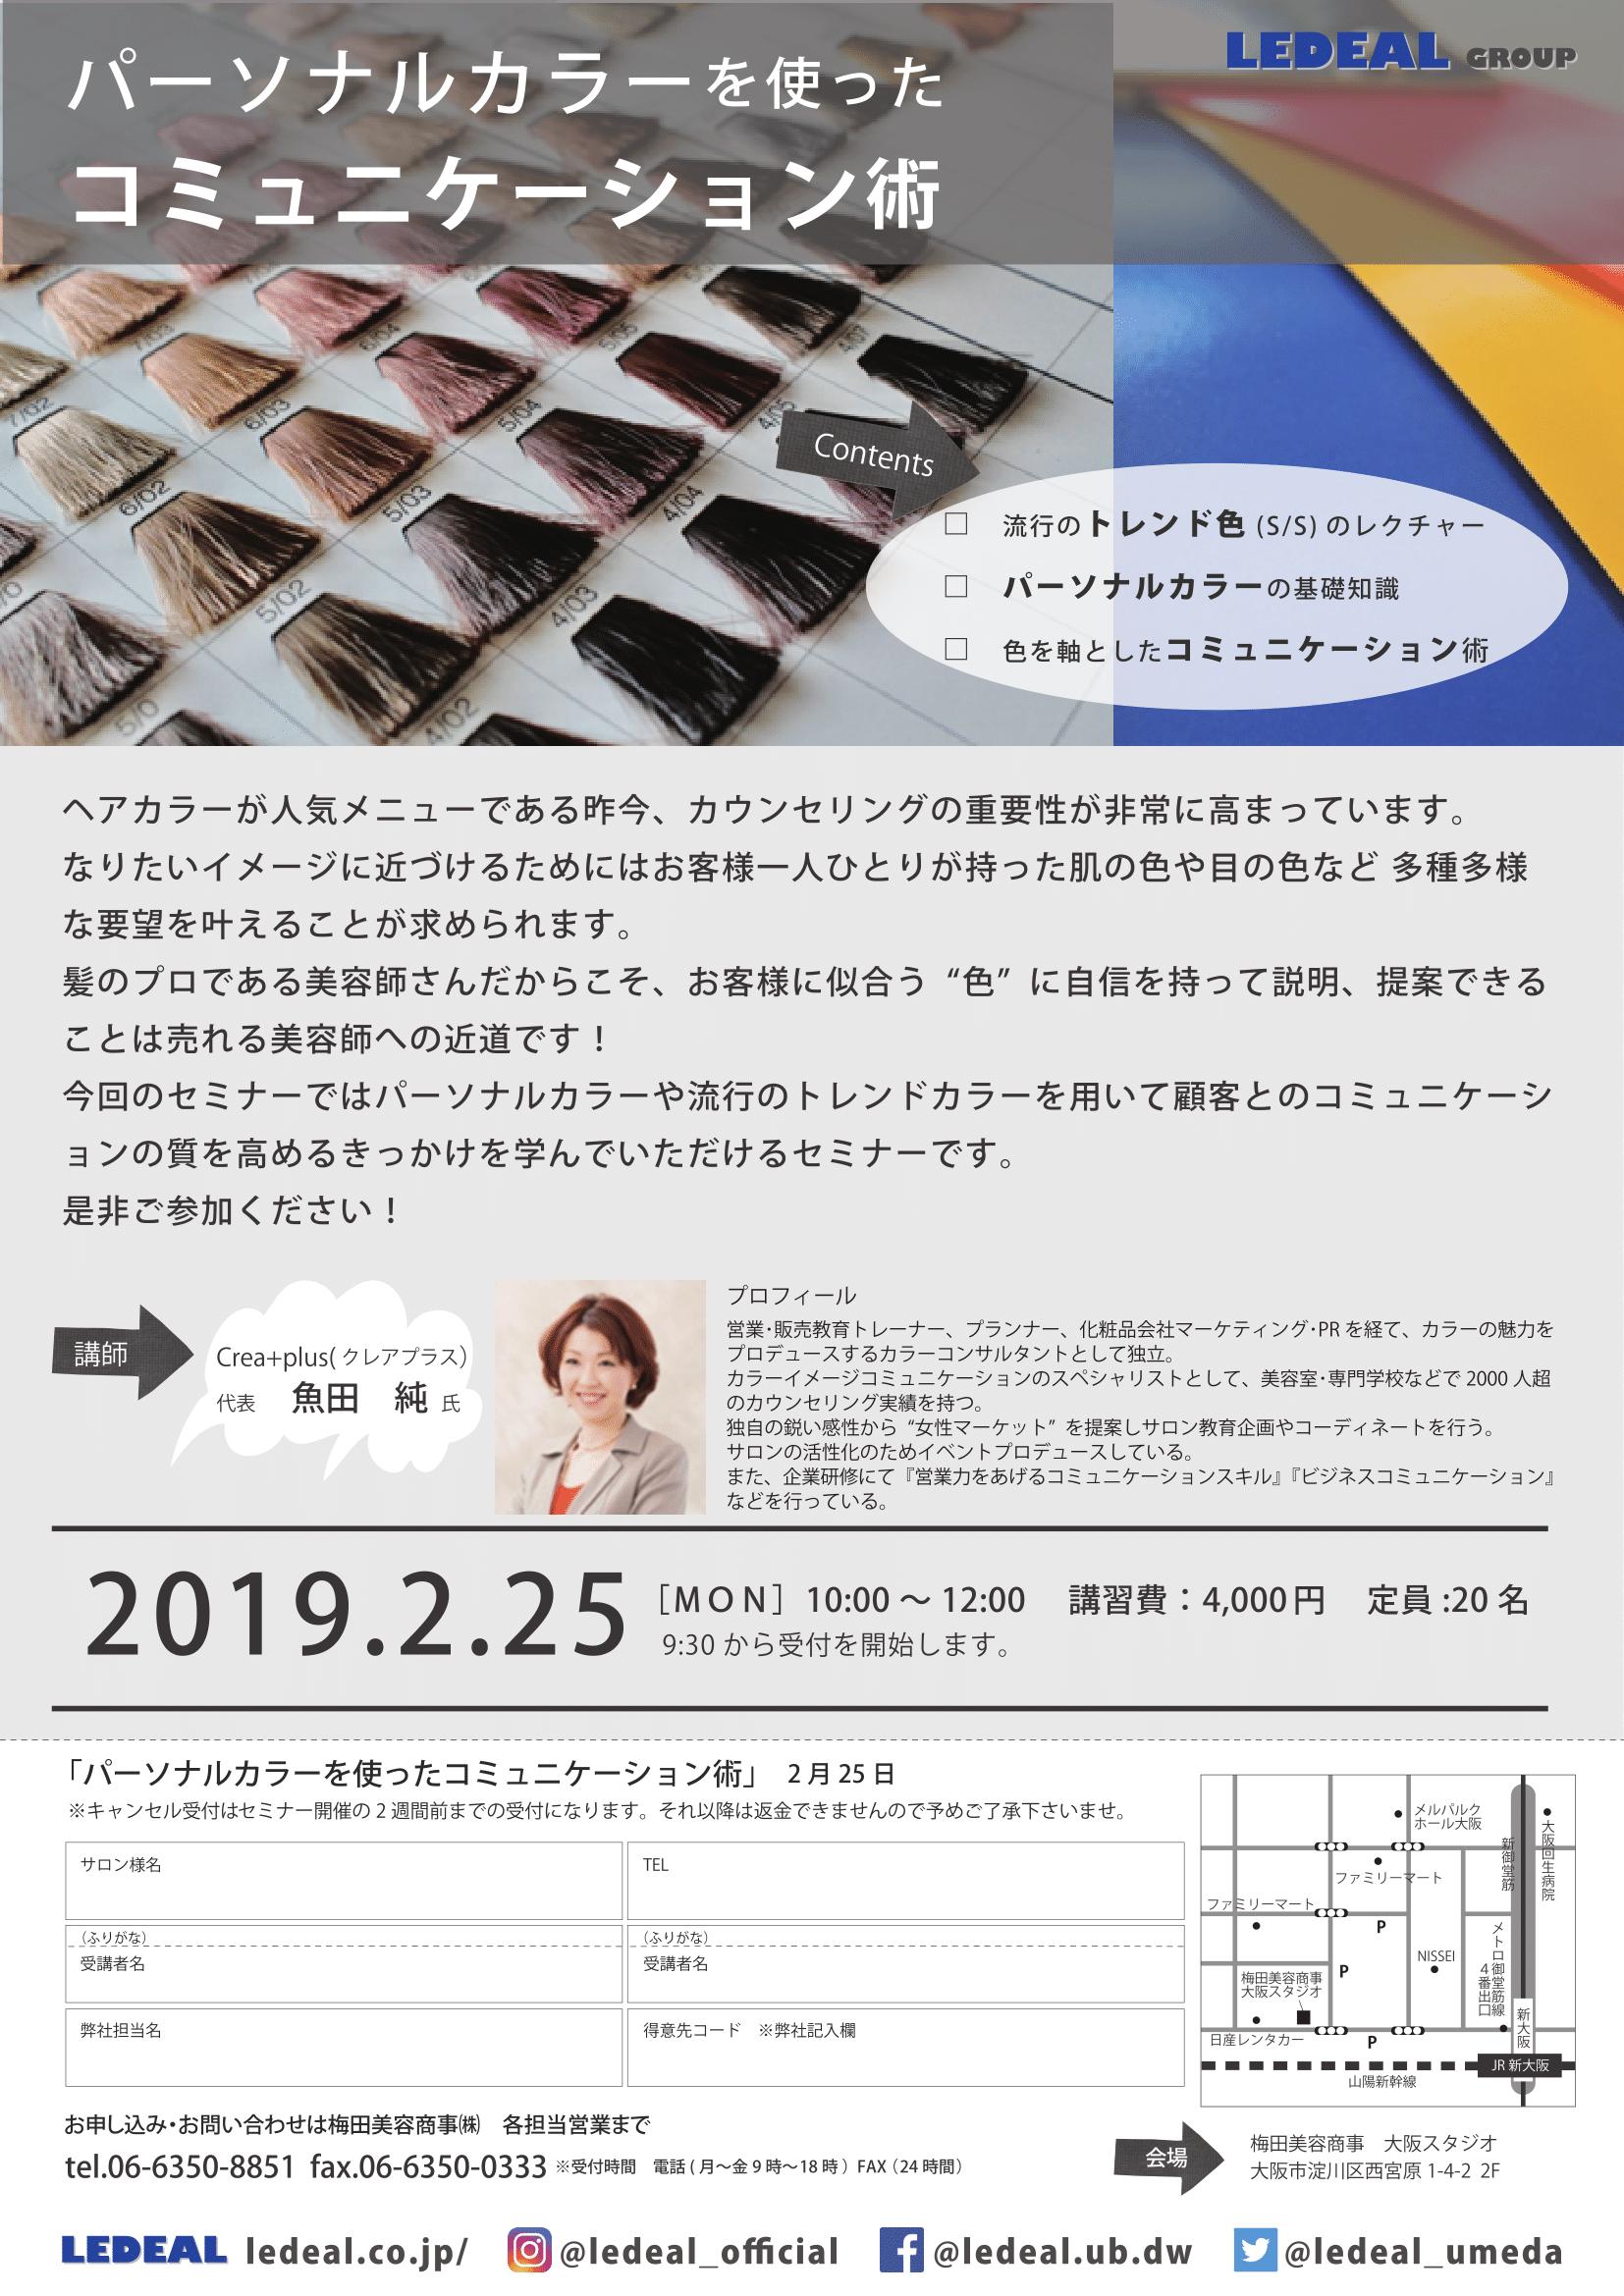 【大阪】パーソナルカラーを使ったコミュニケーション術 S/S